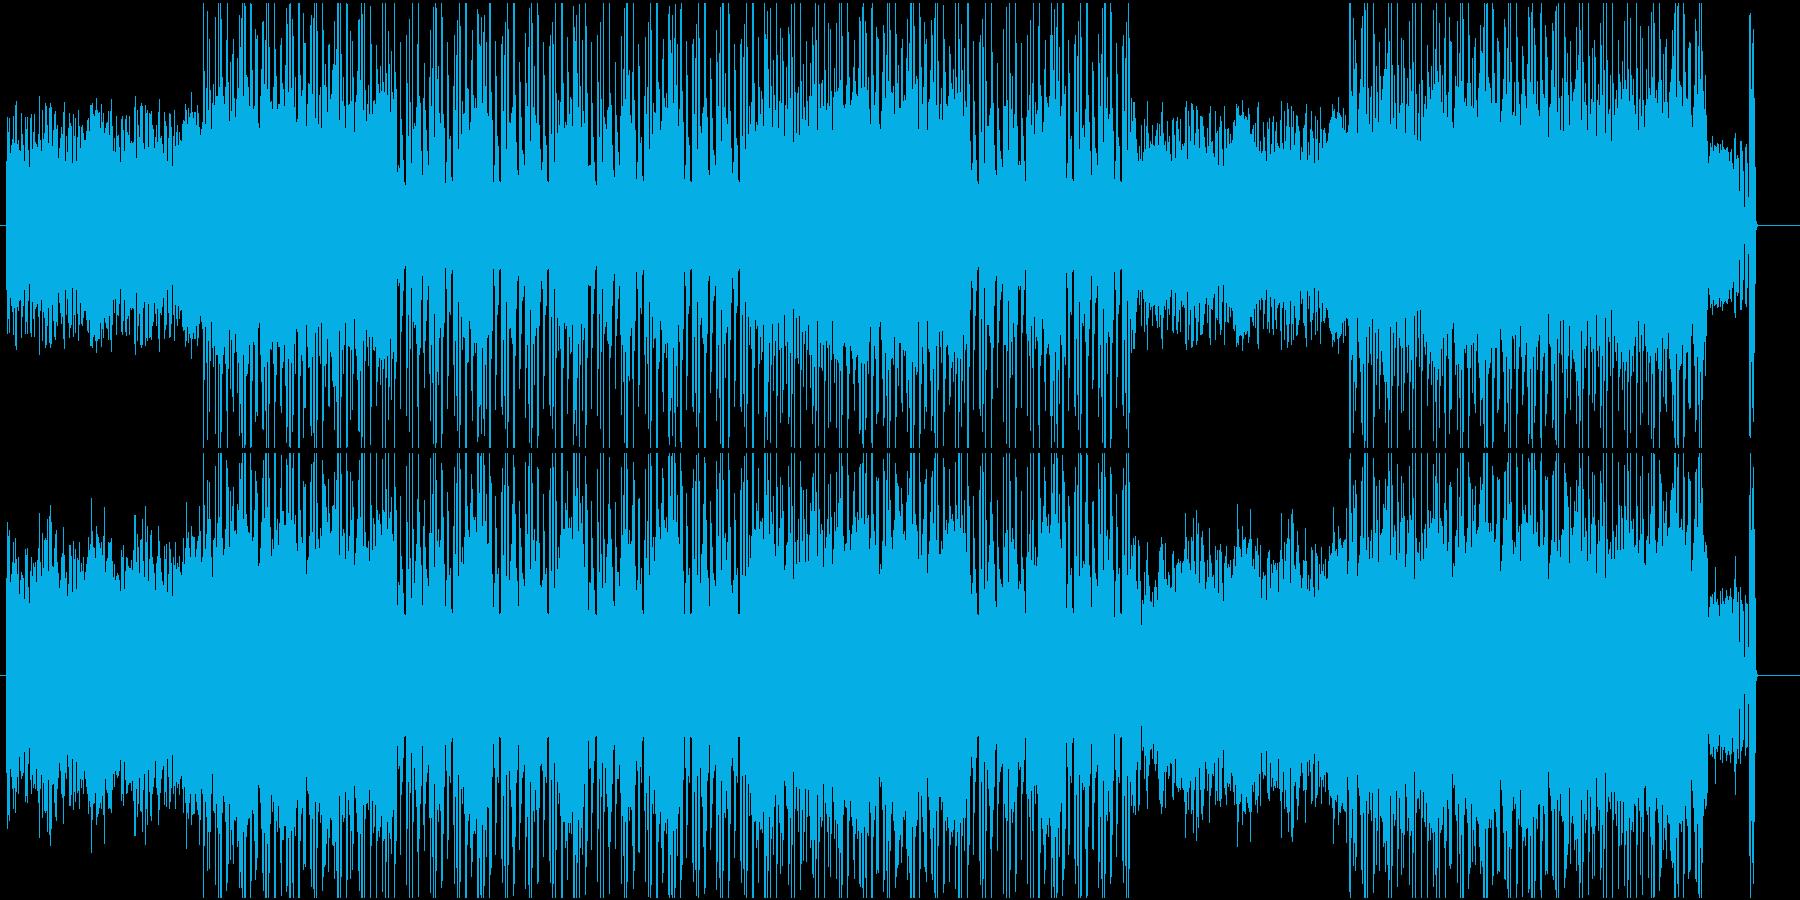 ロックとオーケストラを融合させた音源ですの再生済みの波形